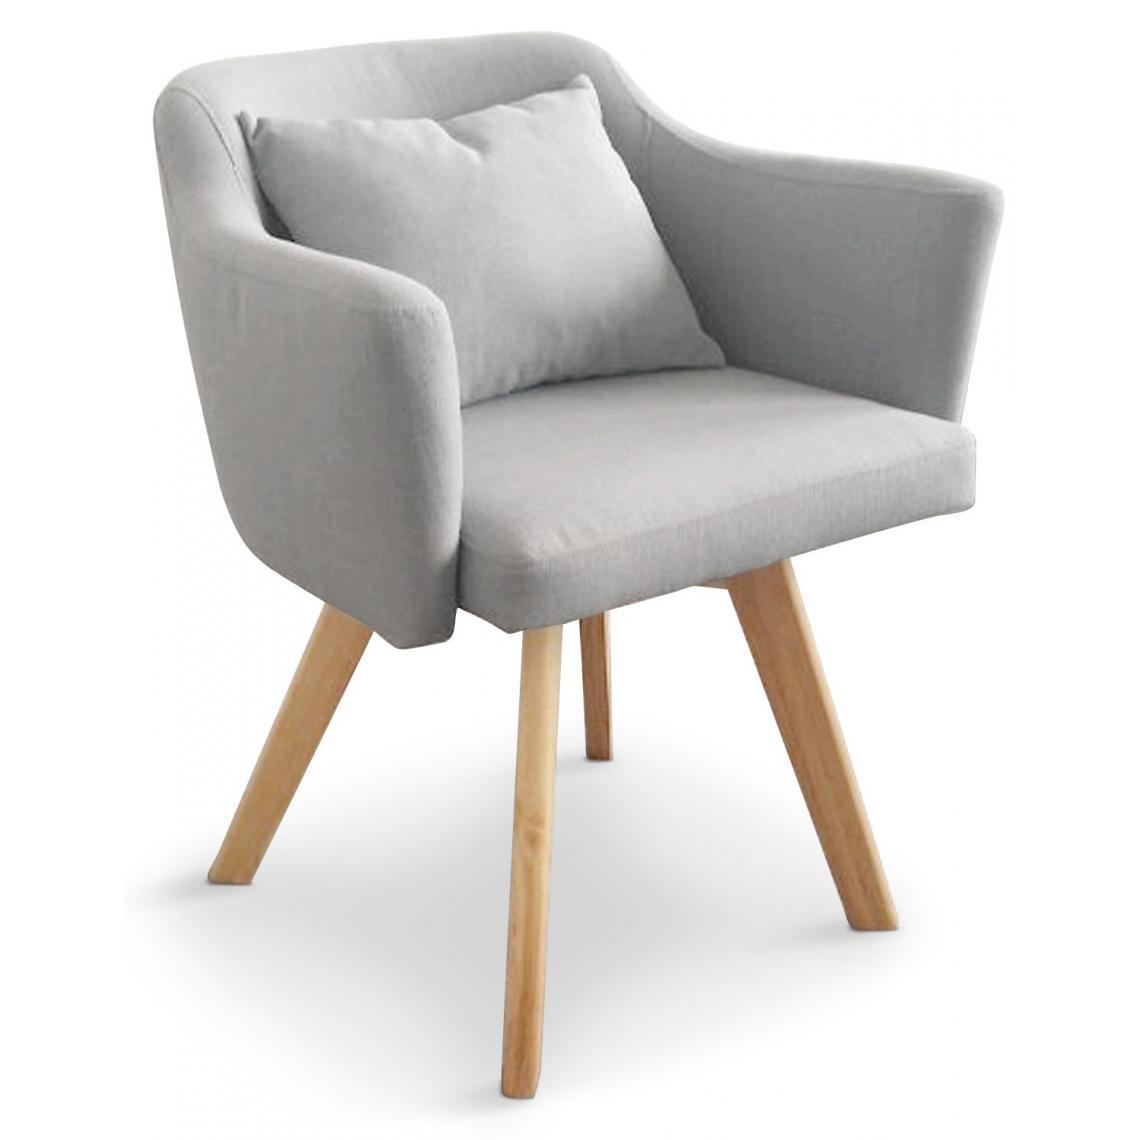 fauteuil scandinave gris layal